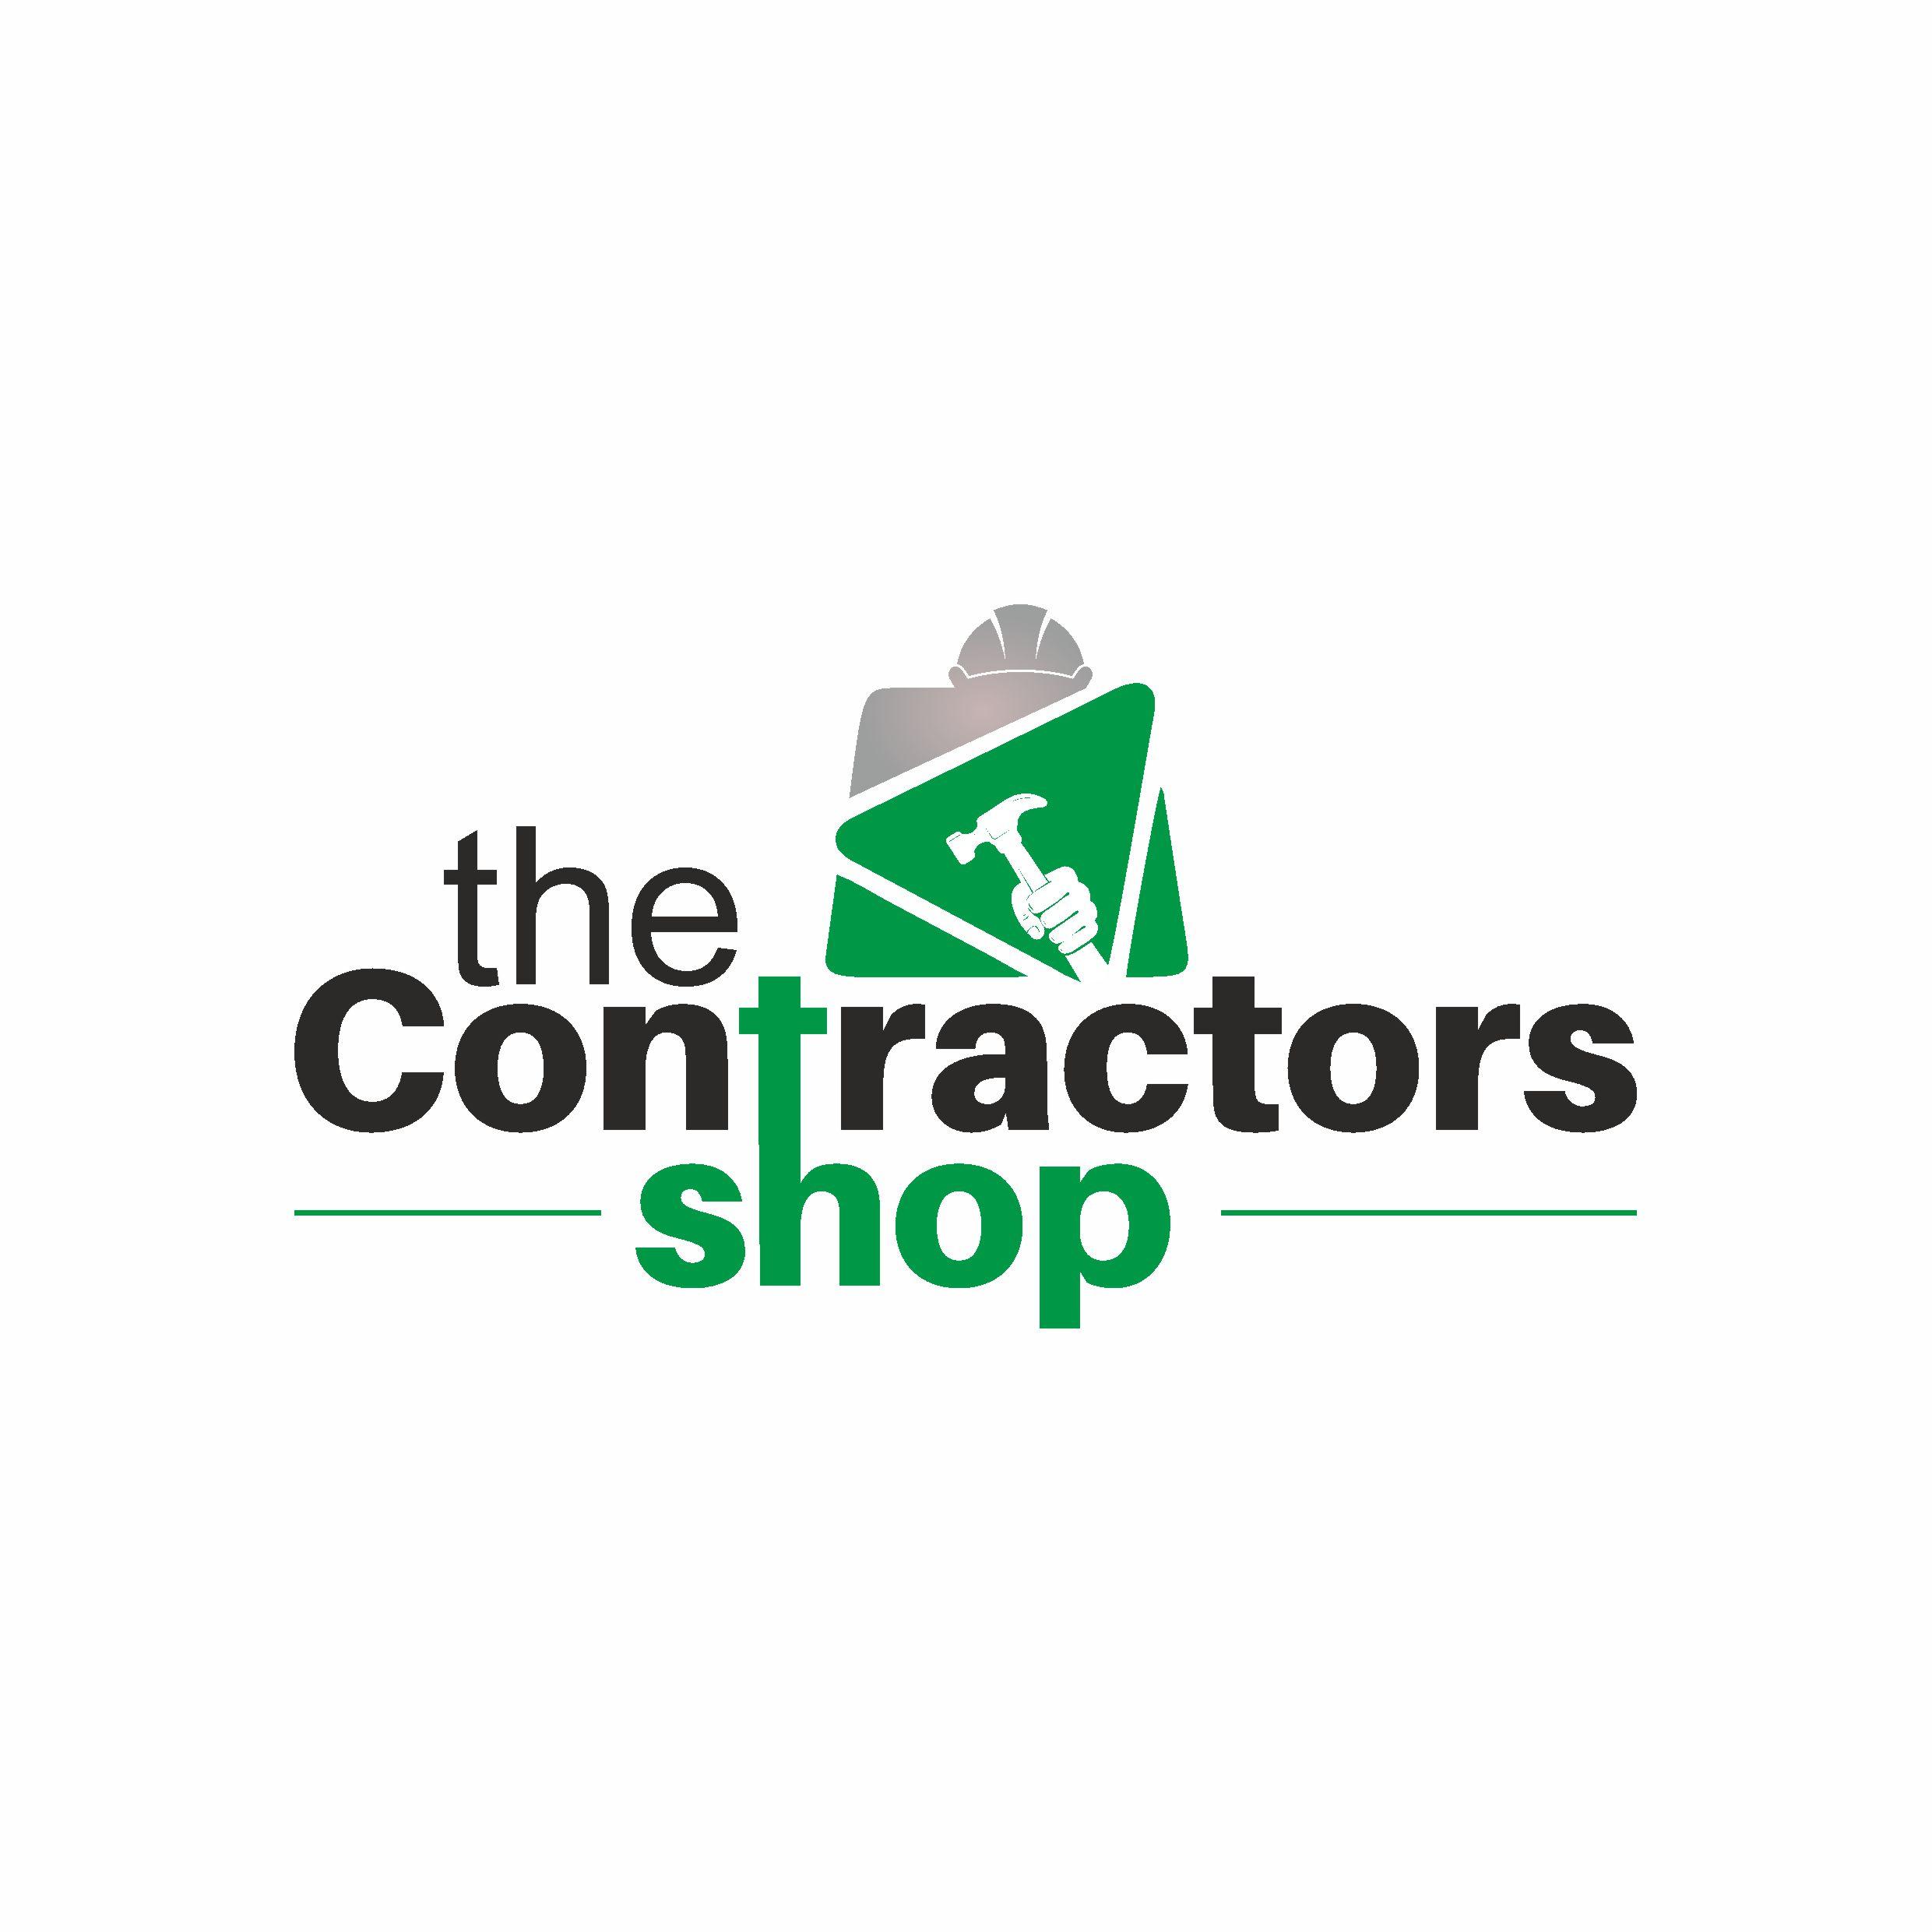 The Contractors Shop